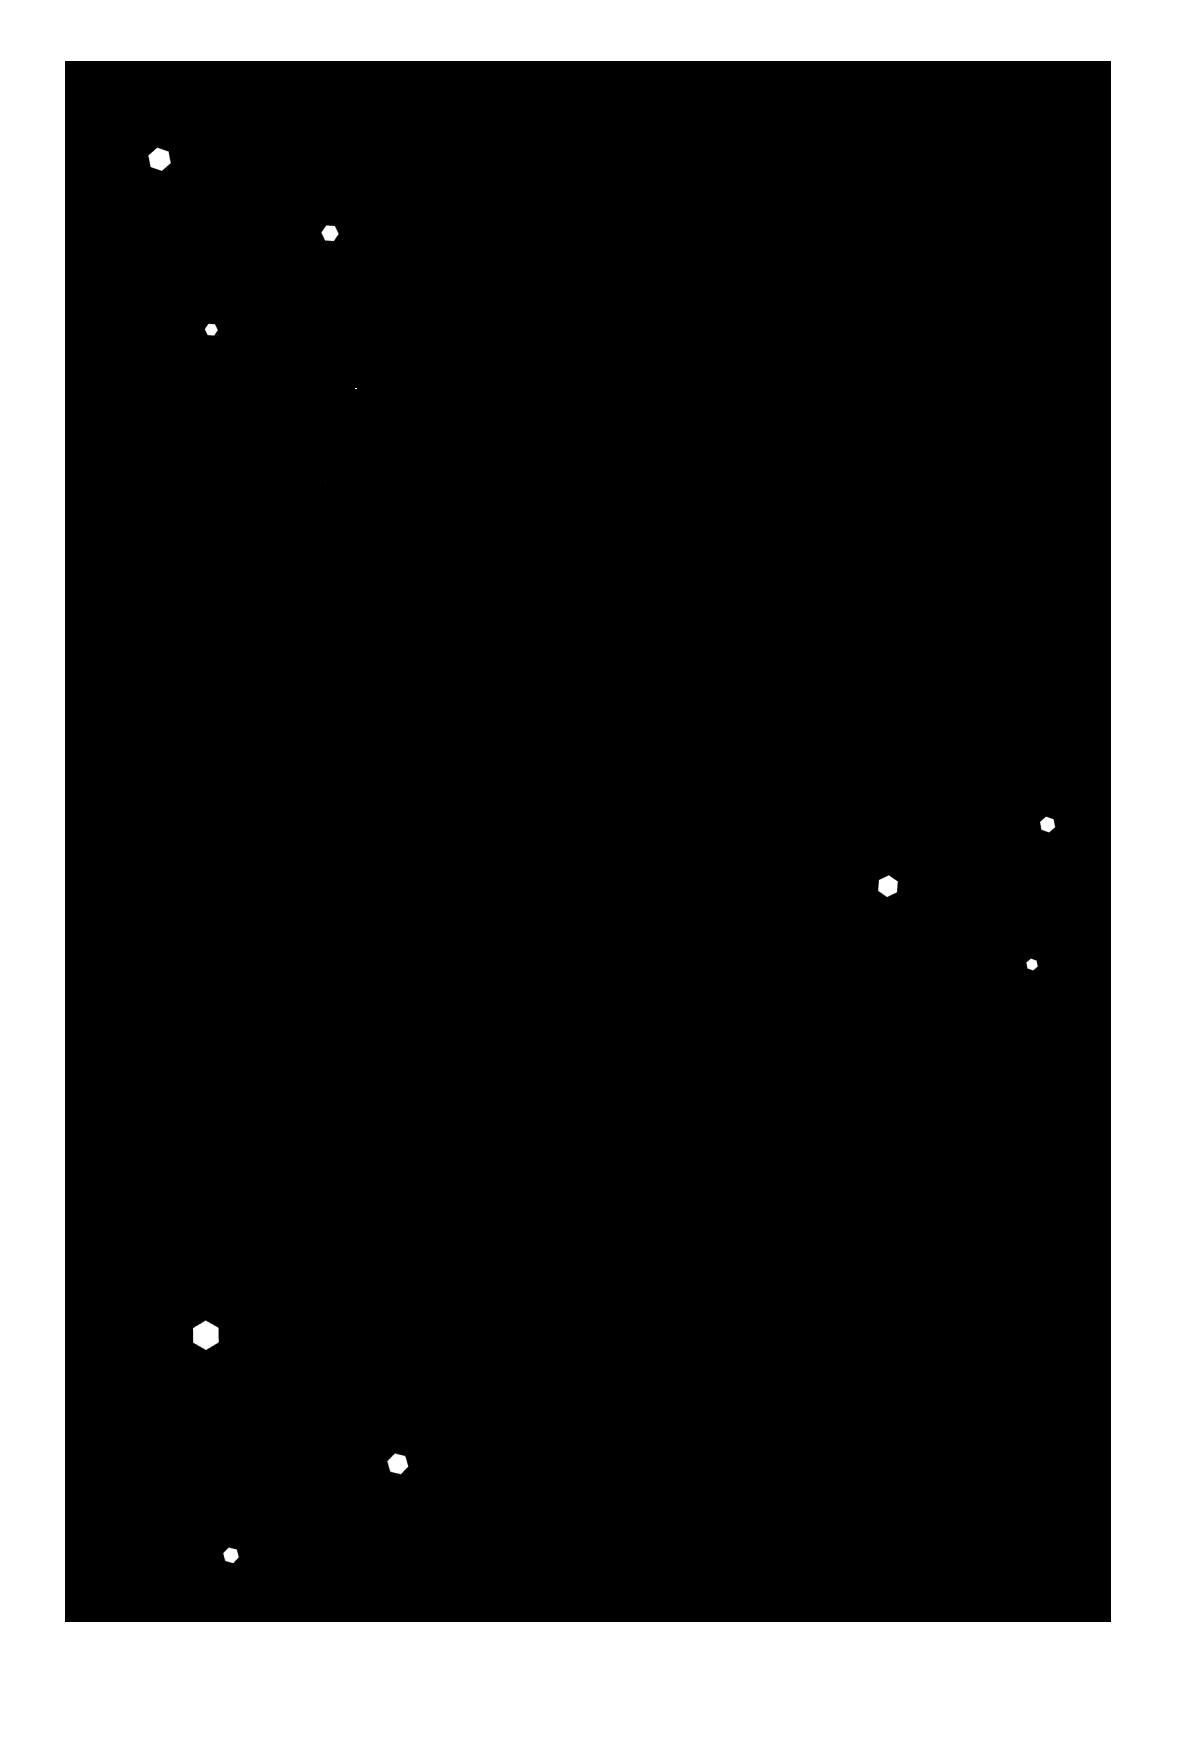 寒中見舞い-白黒テンプレート(雪)02 <無料> | イラストk